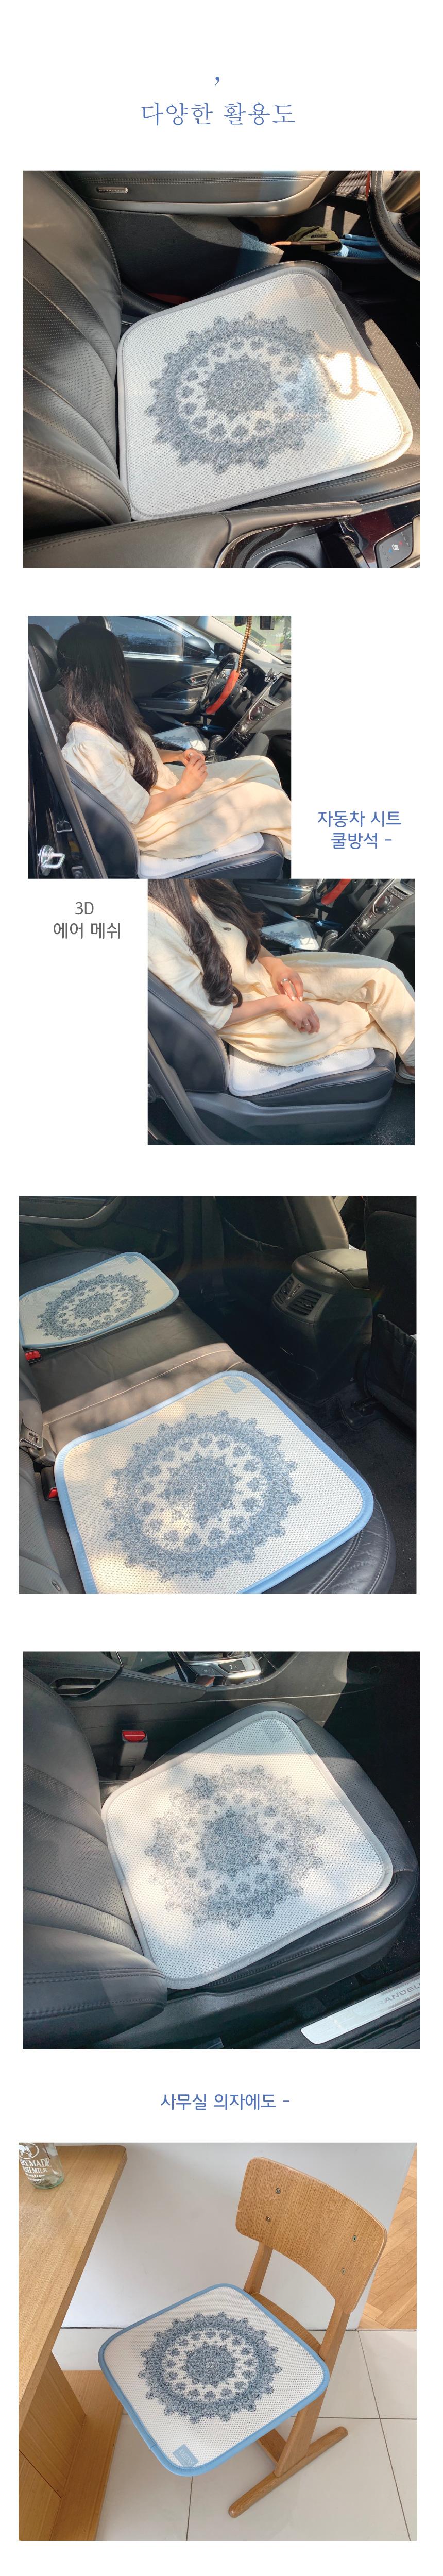 여름 쿨방석 매쉬방석 대형 사무실 차량용방석 - 아미앙스, 15,900원, 방석, 여름방석